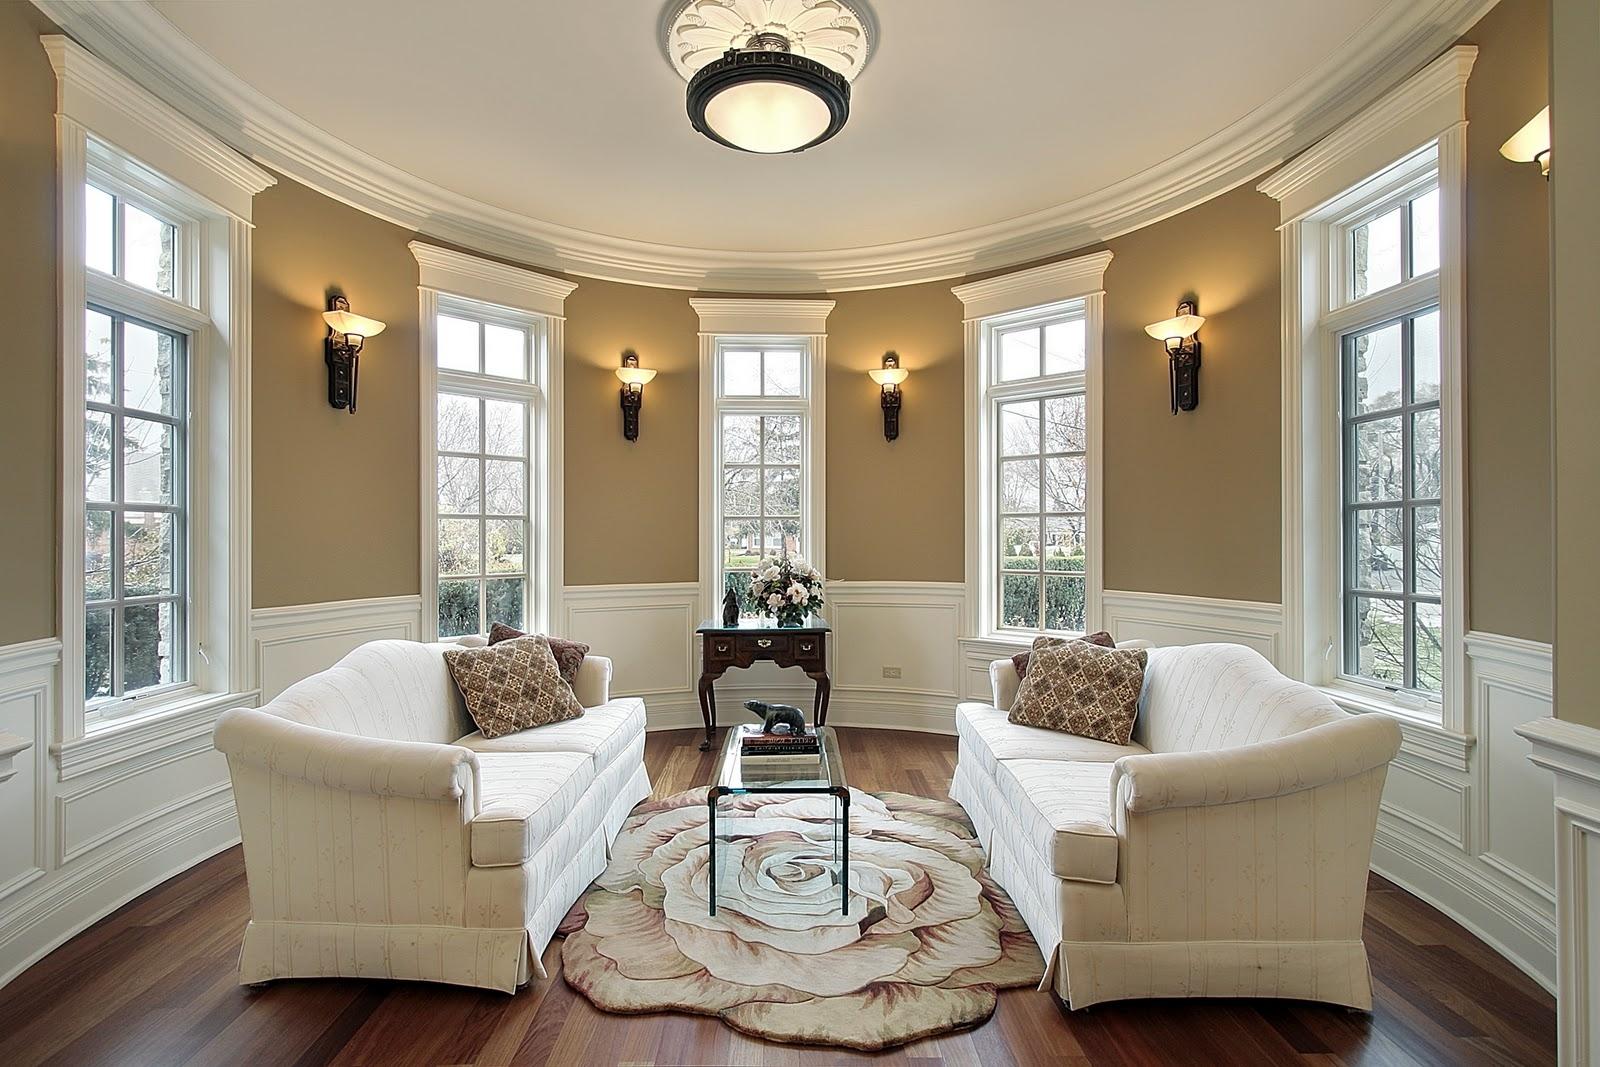 Bạn sẽ có cảm xúc gì khi ngồi trong phòng khách này?